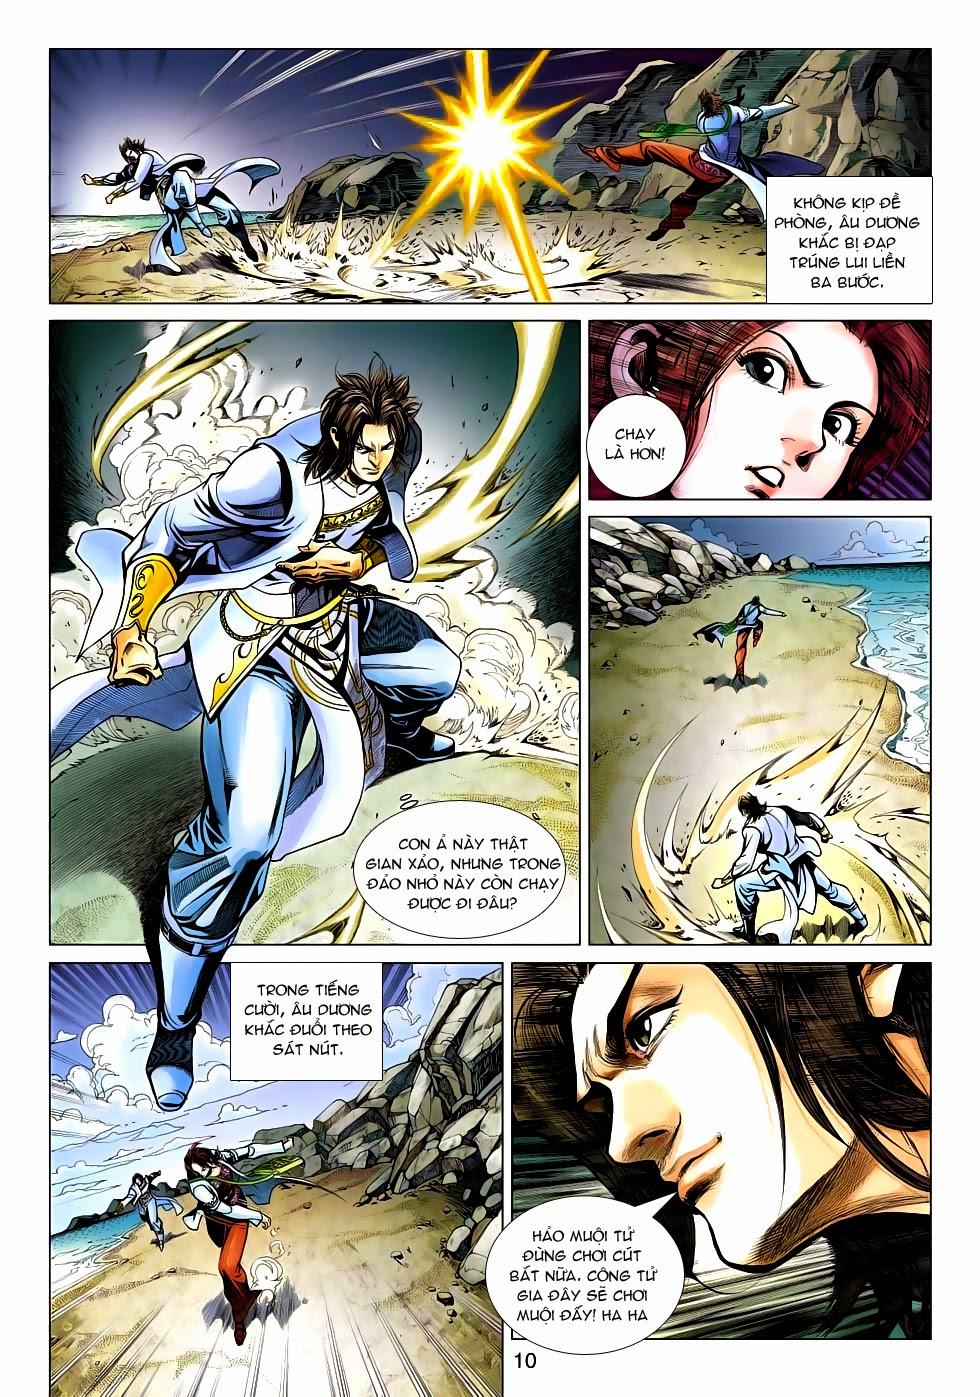 Anh Hùng Xạ Điêu anh hùng xạ đêu chap 54: kiếp hậu dư sinh thiến nữ kỳ mưu trang 10